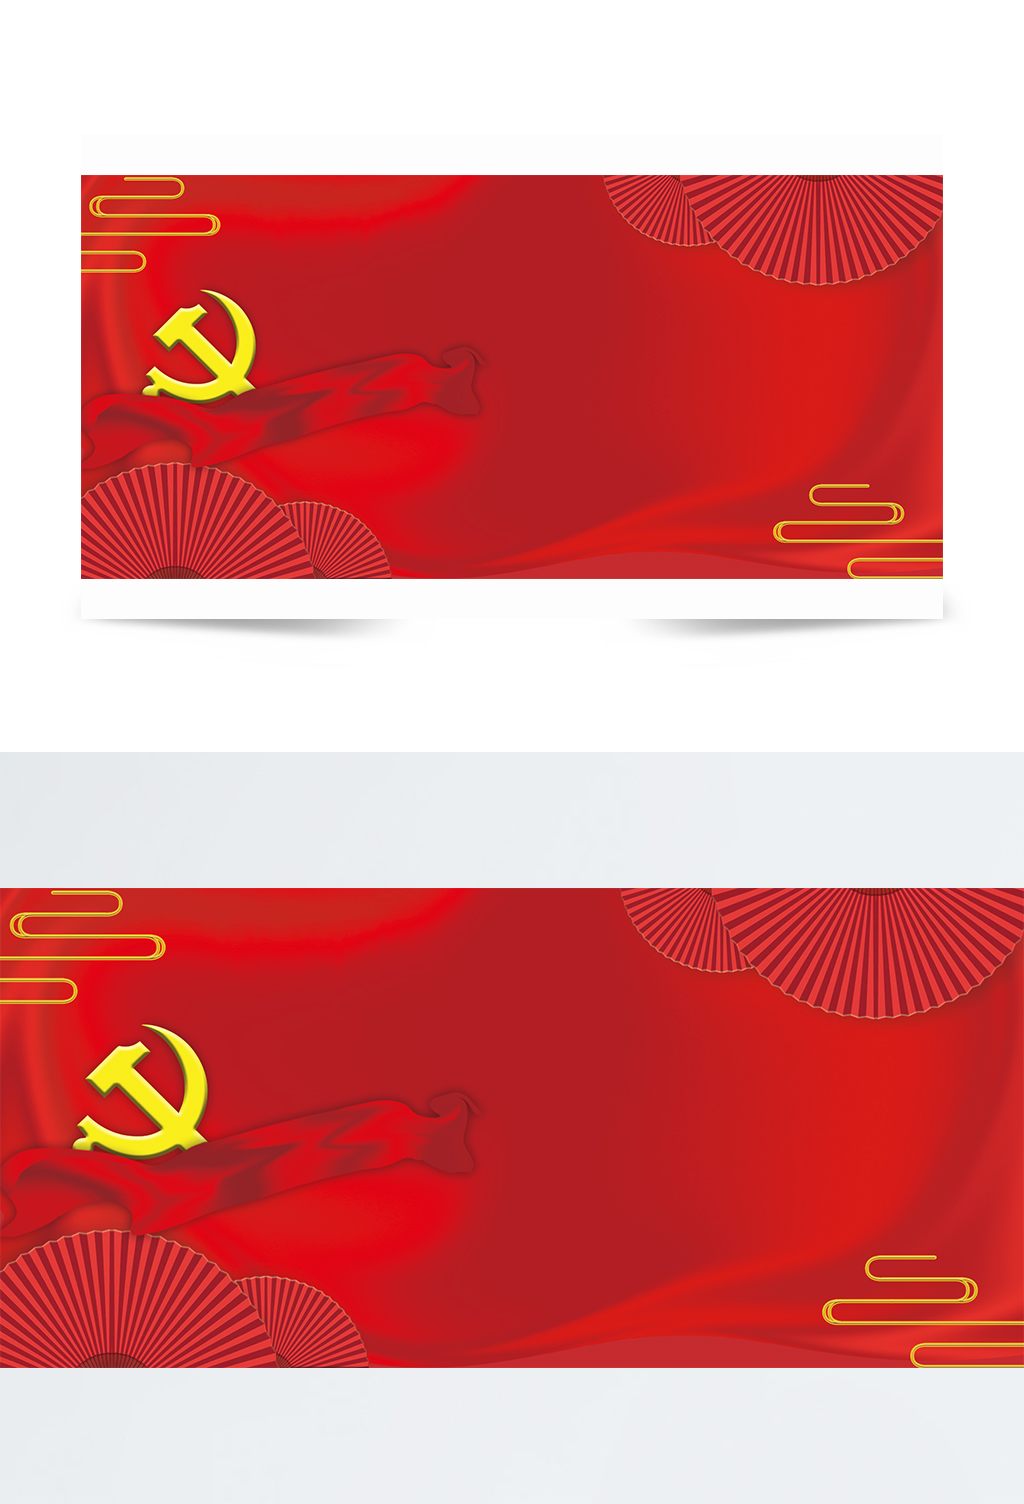 红色喜庆党政背景庆祝中国共产党成立100周年背景